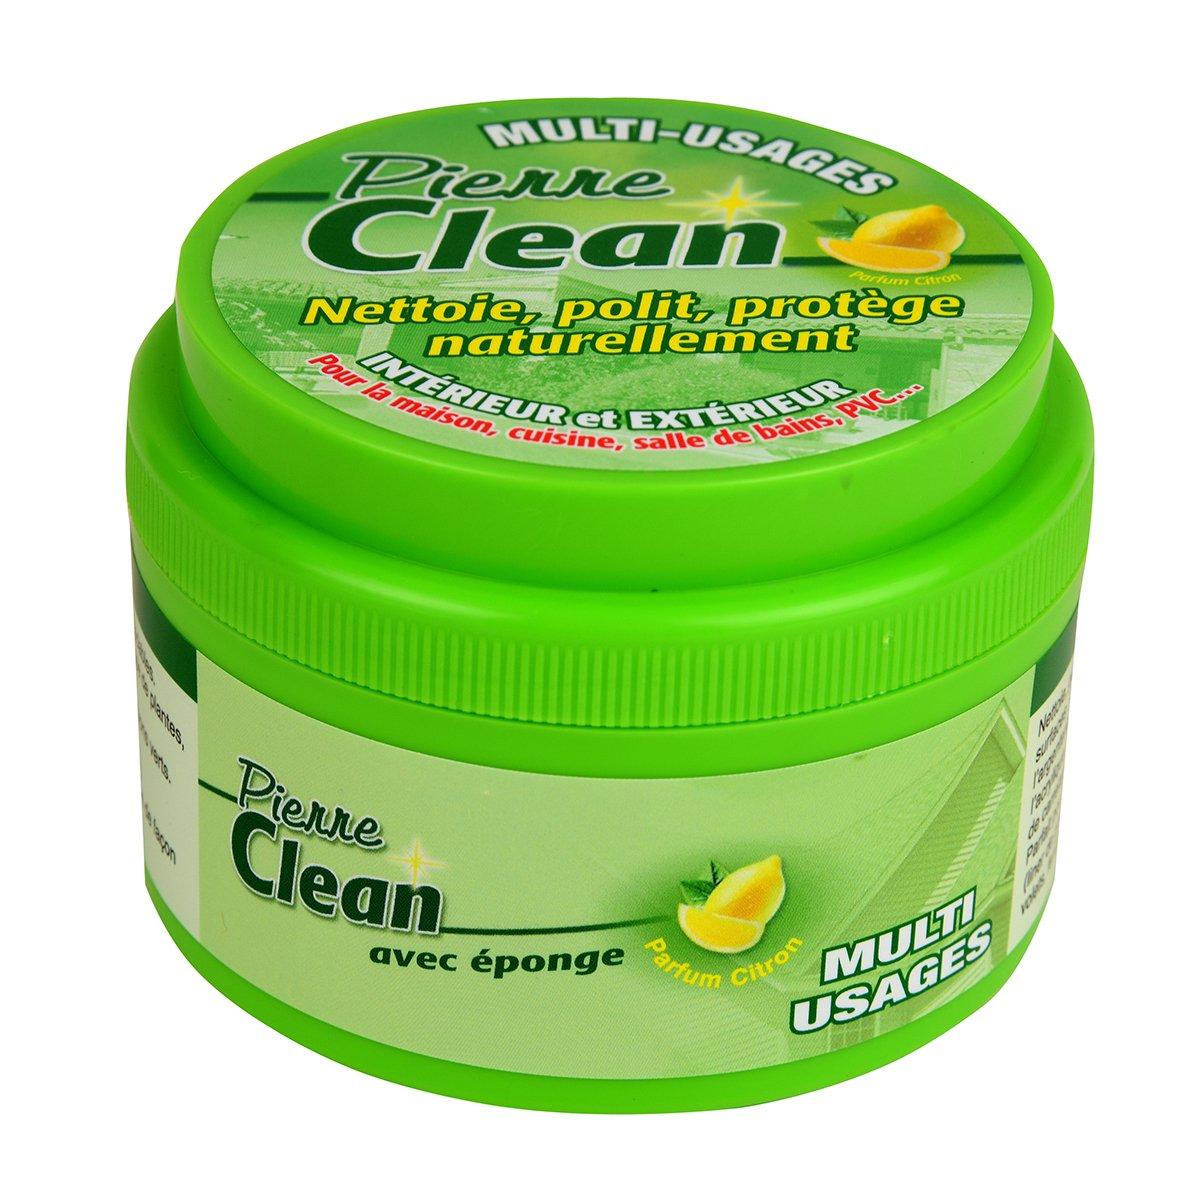 Pierre Clean 600 G aroma limón con esponja – Producto a base de arcilla, appelé aussi Pierre rénovante o piedra de barro, que permite de limpiar, ...